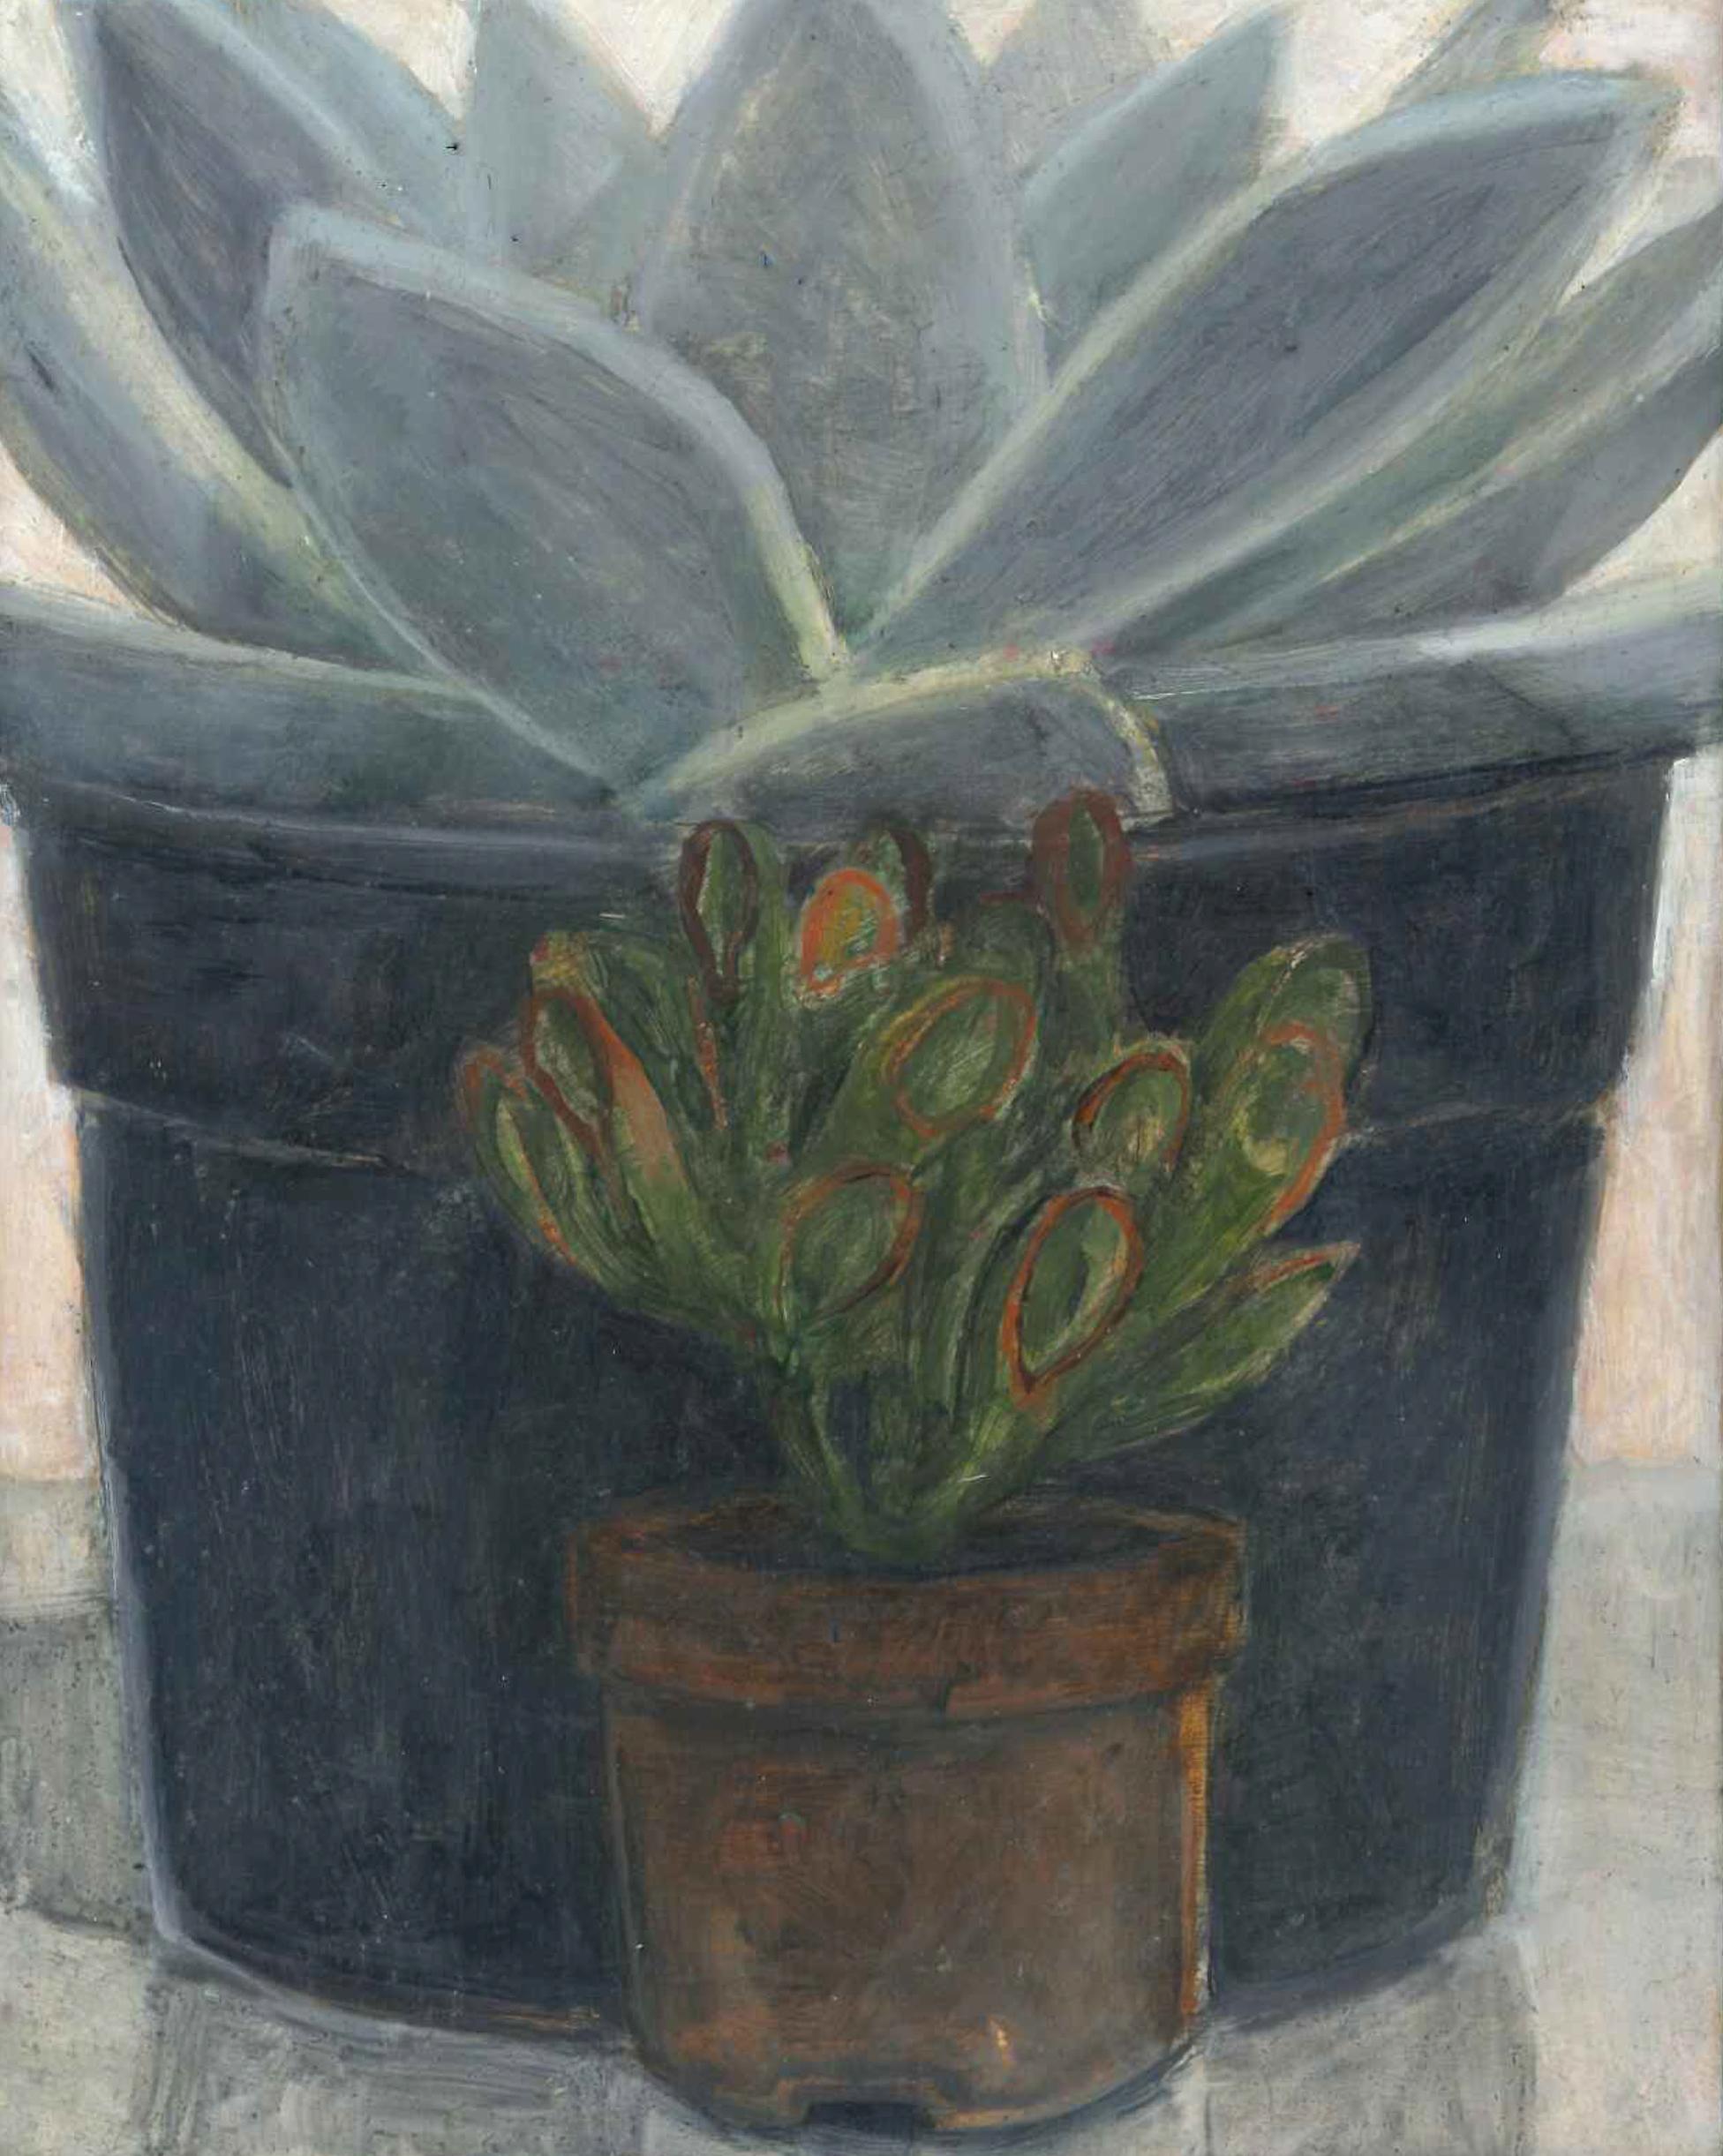 Nathanaelle Herbelin, Fat plant, 2018, 27 x 22 cm, huile sur bois